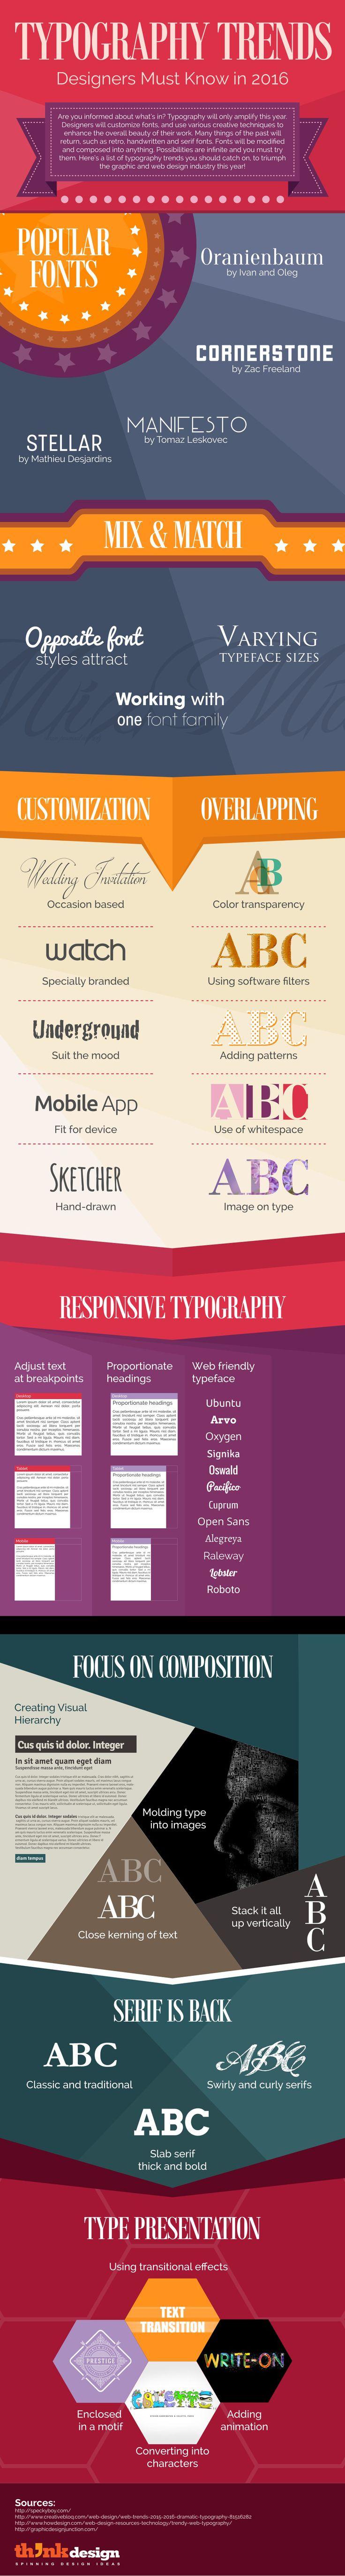 Tendencias sobre Tipografía en 2016